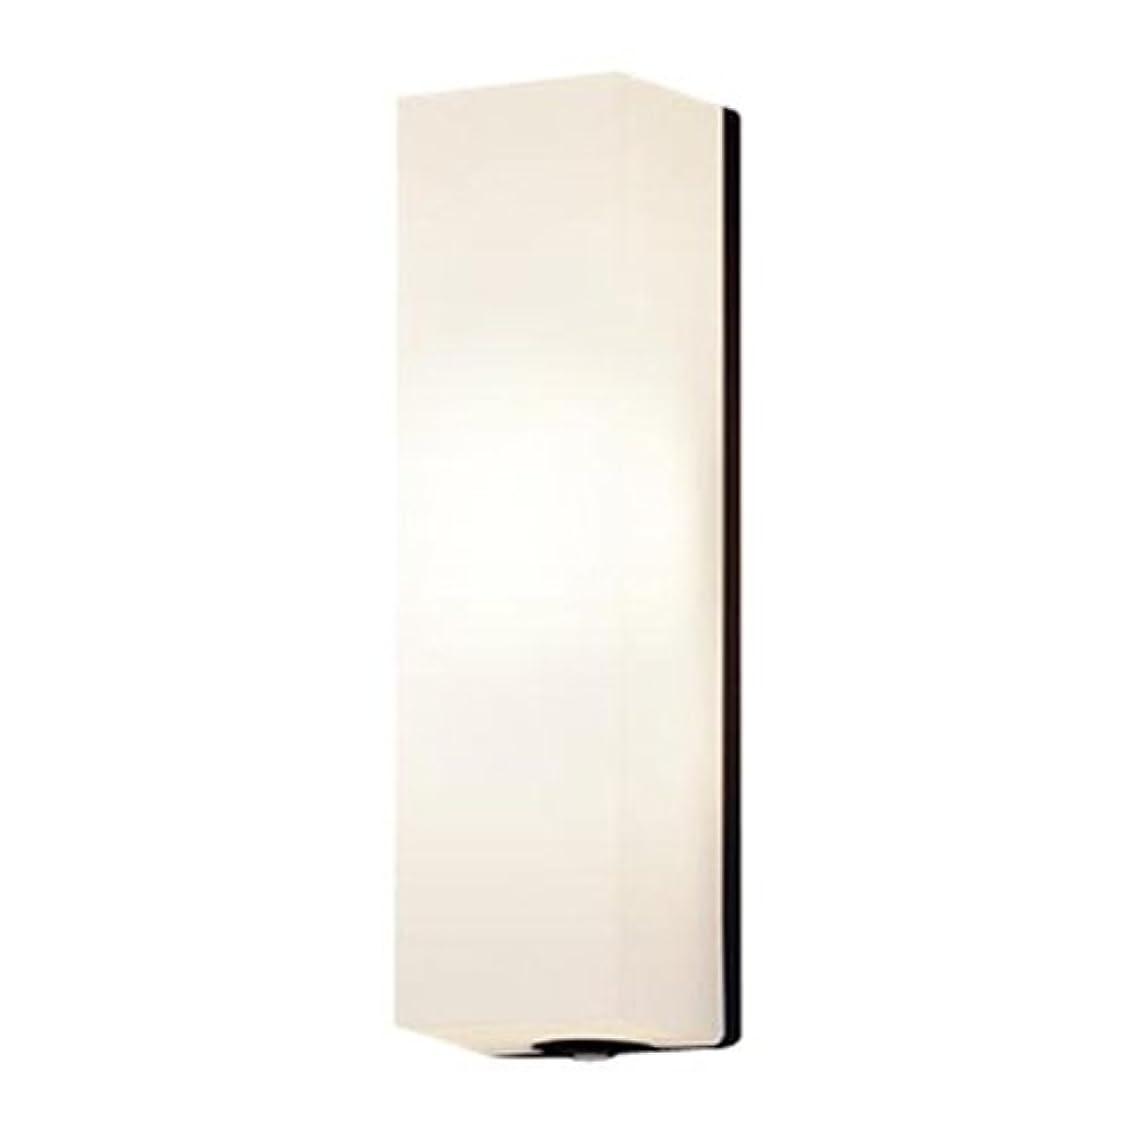 ヒステリック老人説明するPanasonic LED ポーチライト 壁直付型 40形 電球色 LGWC81271LE1